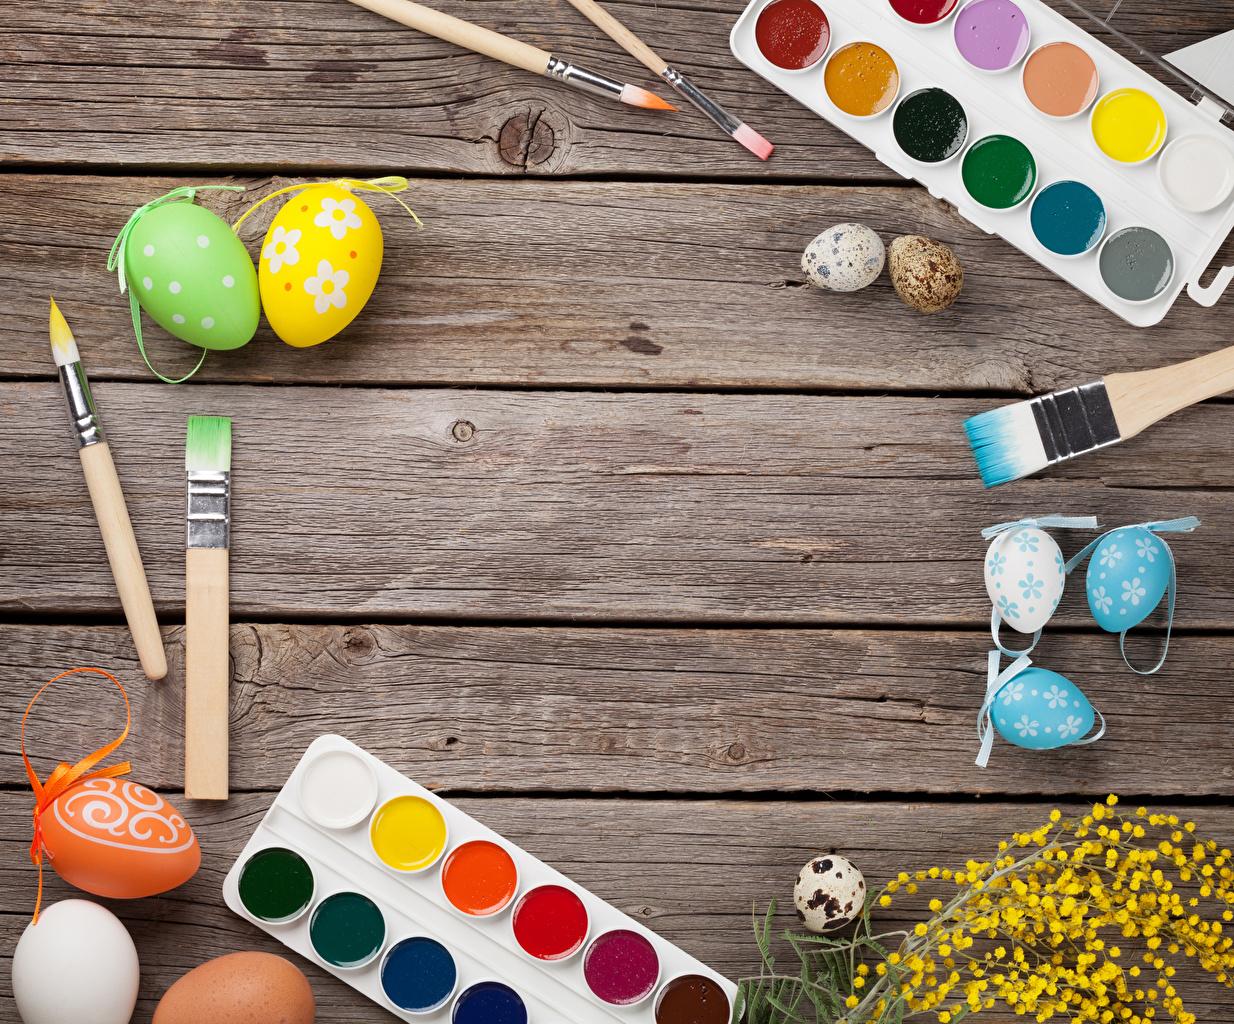 Afbeeldingen Pasen een ei Penseel Wenskaart Sjabloon Planken Ontwerp Eieren wenskaartsjabloon